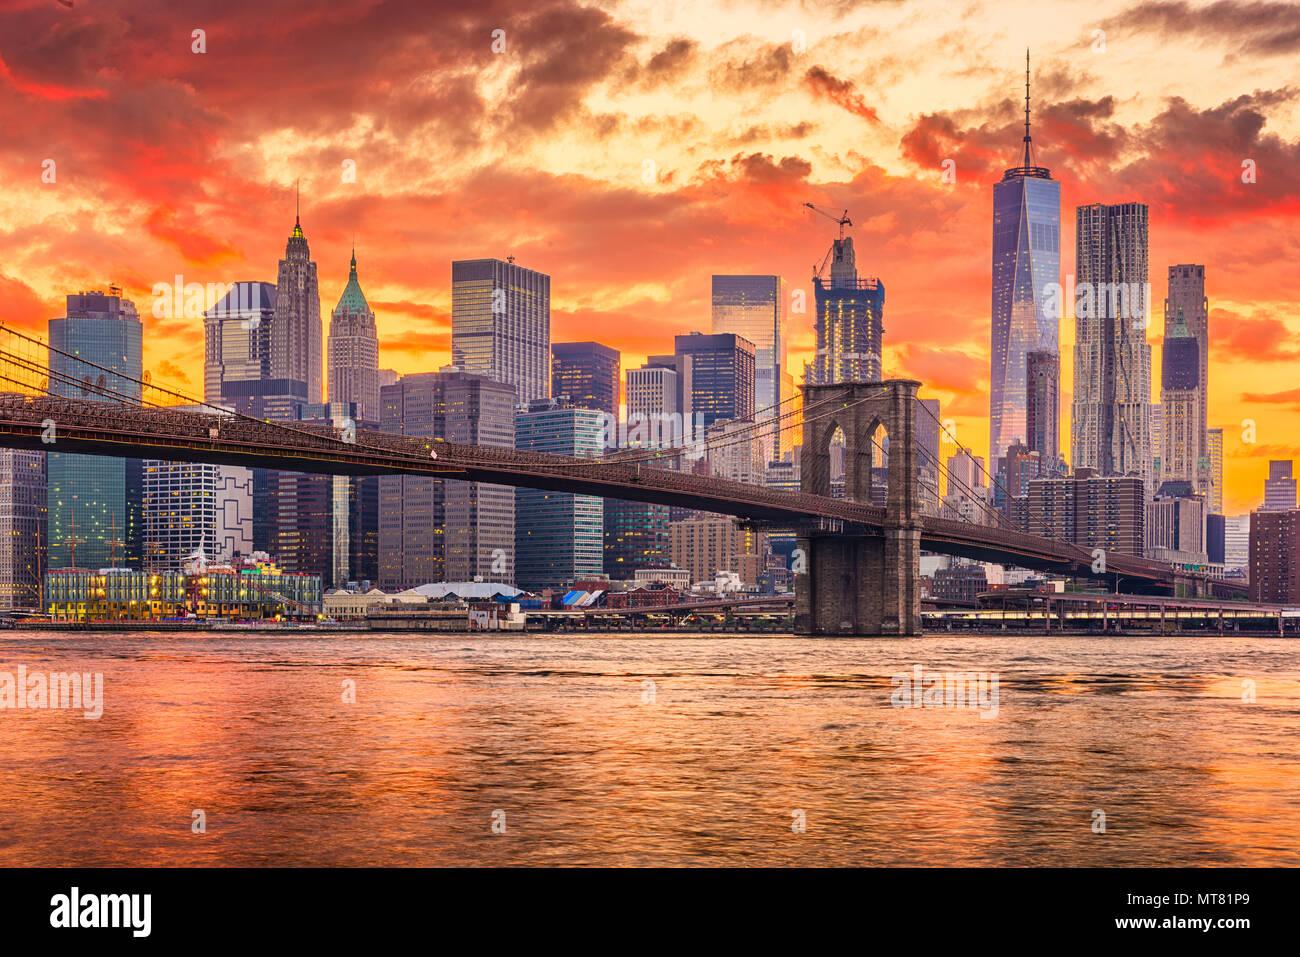 New York, New York, États-Unis d'horizon de Manhattan sur l'East River avec pont de Brooklyn après le coucher du soleil. Banque D'Images